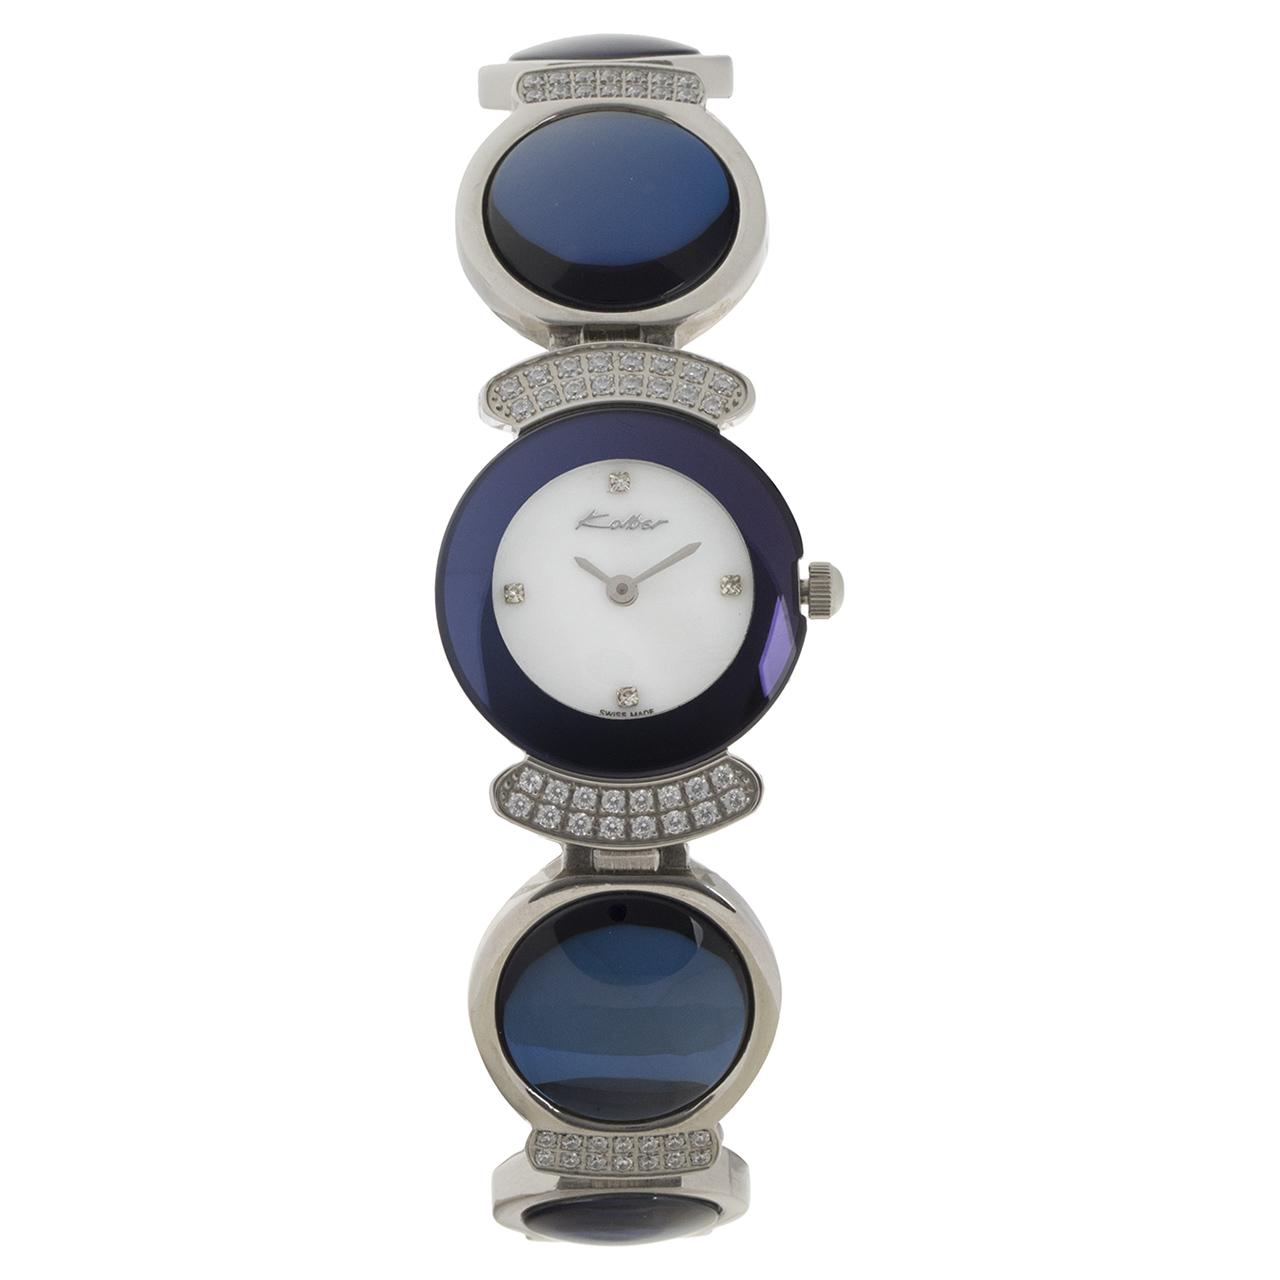 ساعت مچی عقربه ای زنانه کولبر مدل K-212 54